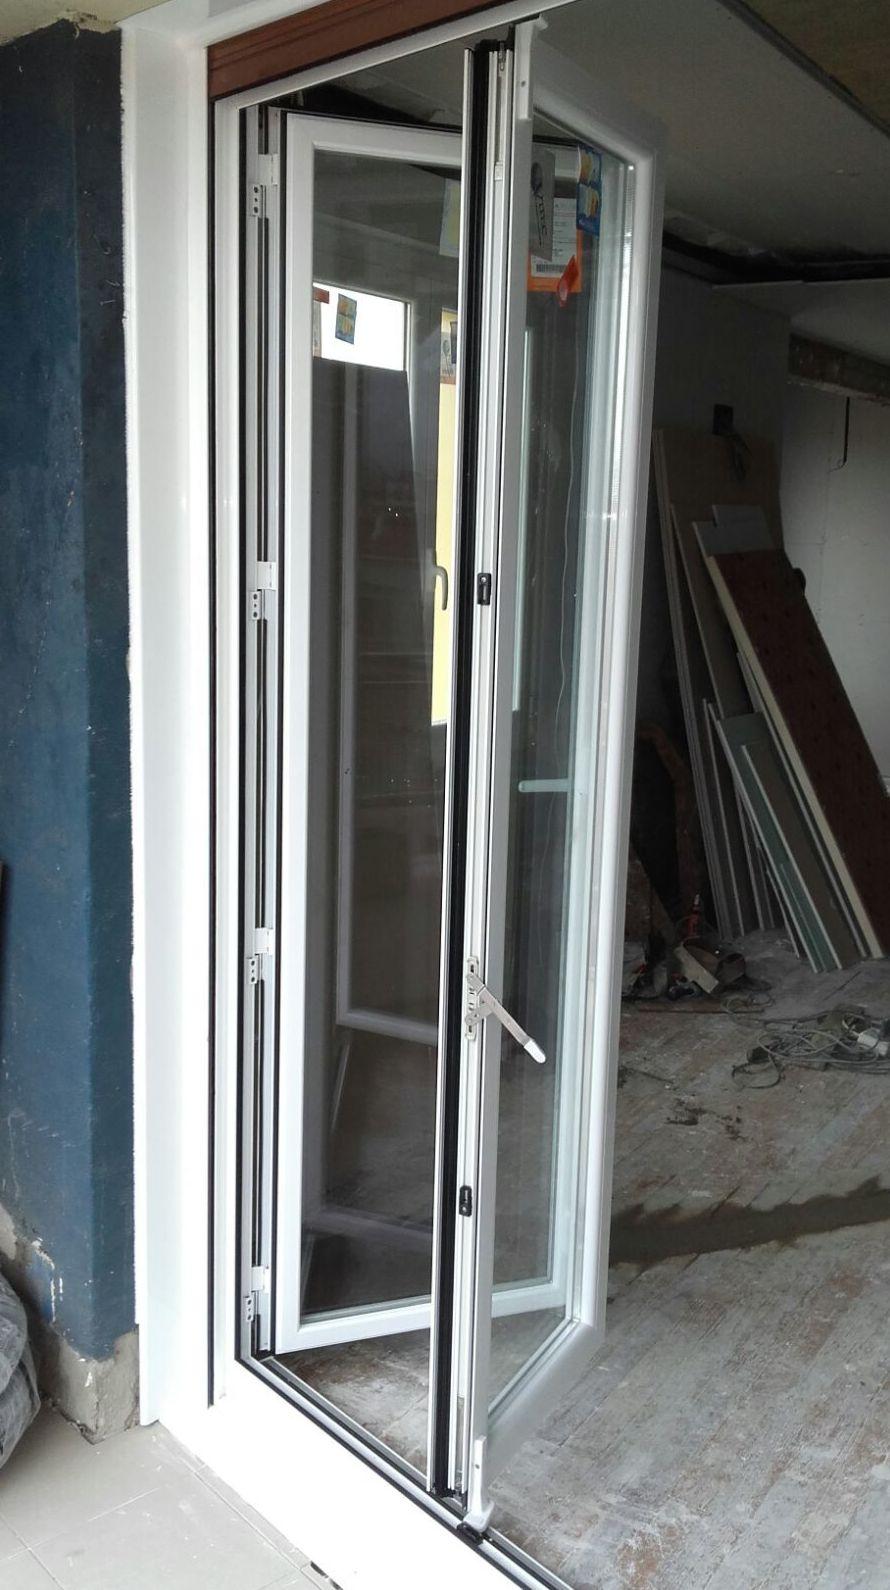 Foto 7 de Carpintería de aluminio, metálica y PVC en Vitoria-Gasteiz | Ventanas de Aluminio Miguel